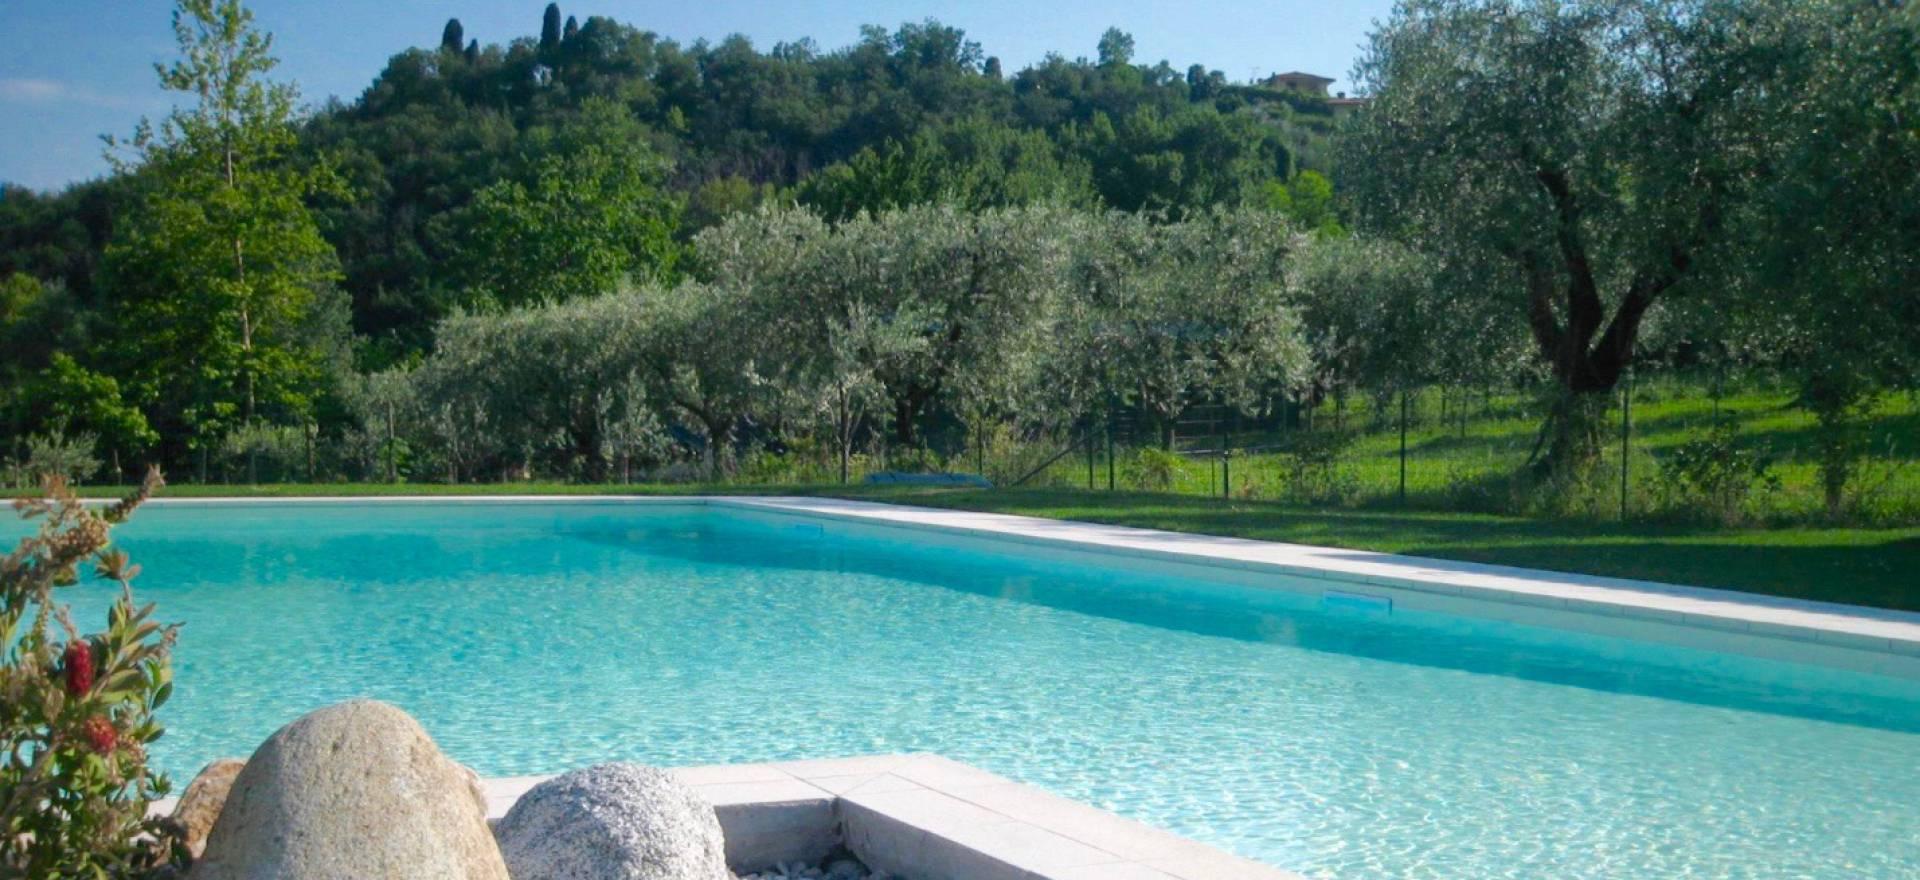 Agriturismo Lago di Como e lago di Garda Accogliente Agriturismo tra gli ulivi vicino al lago di Garda